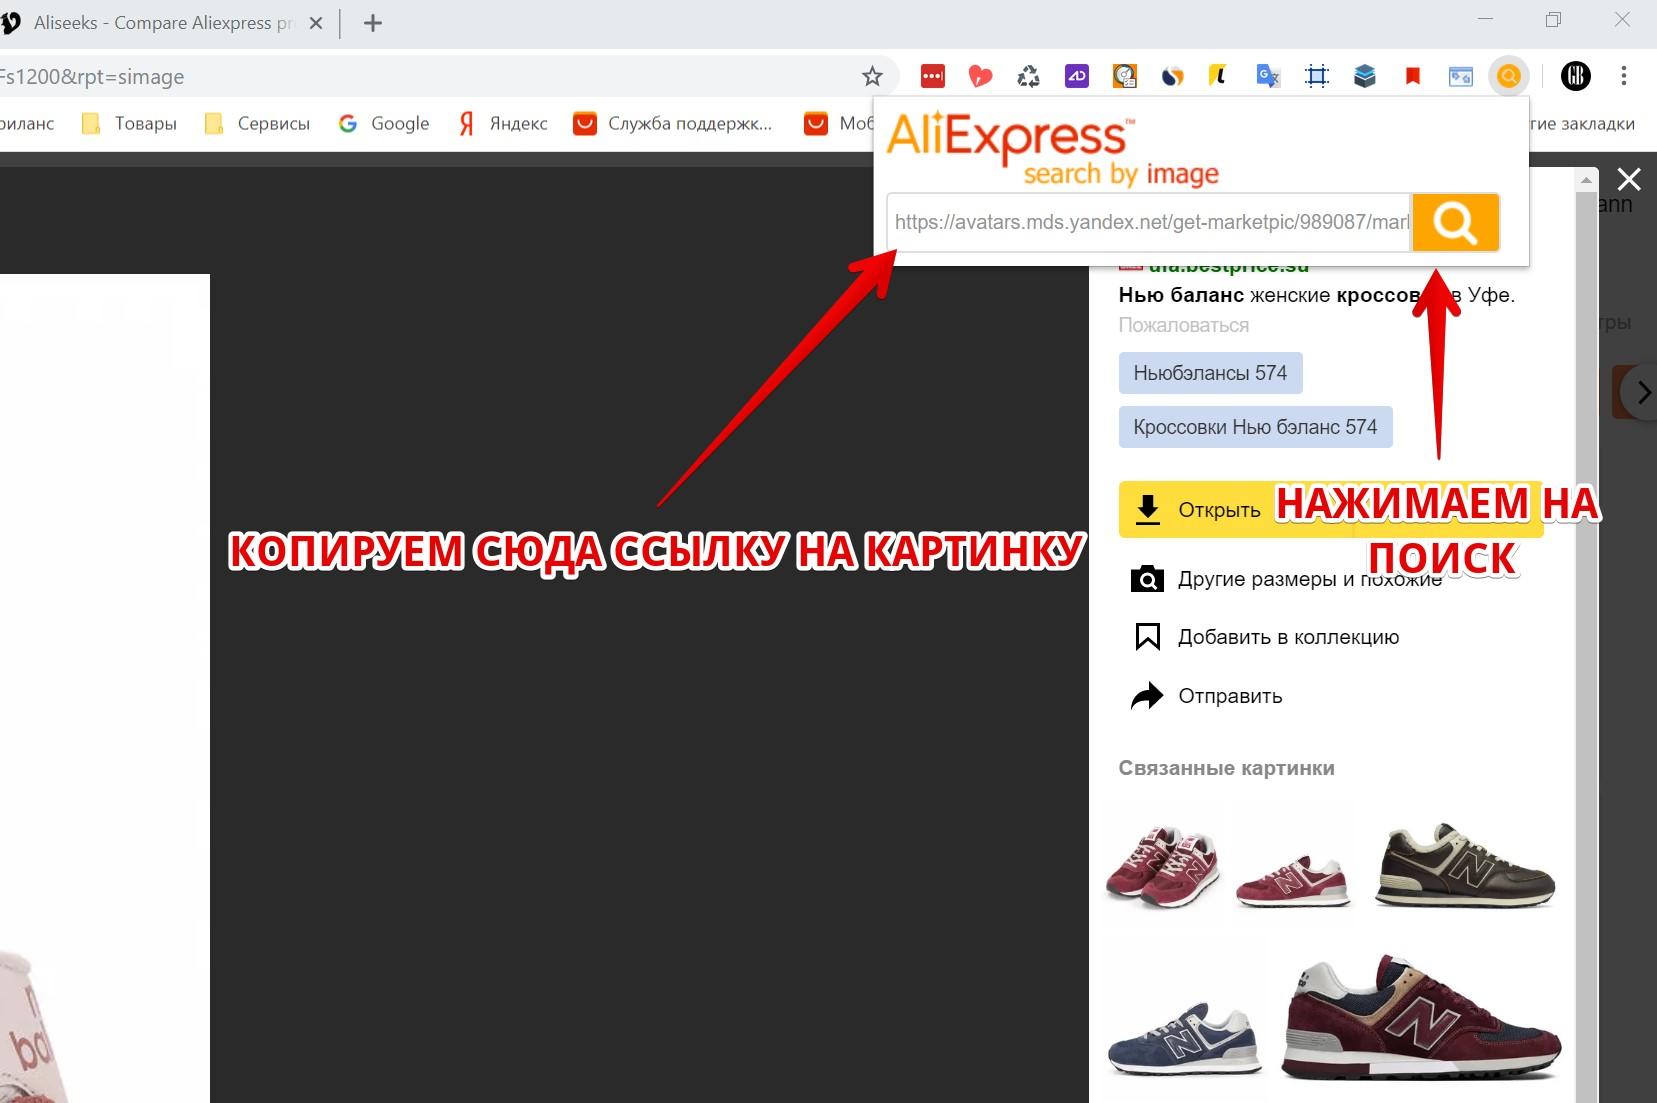 как найти копии брендов на aliexpress